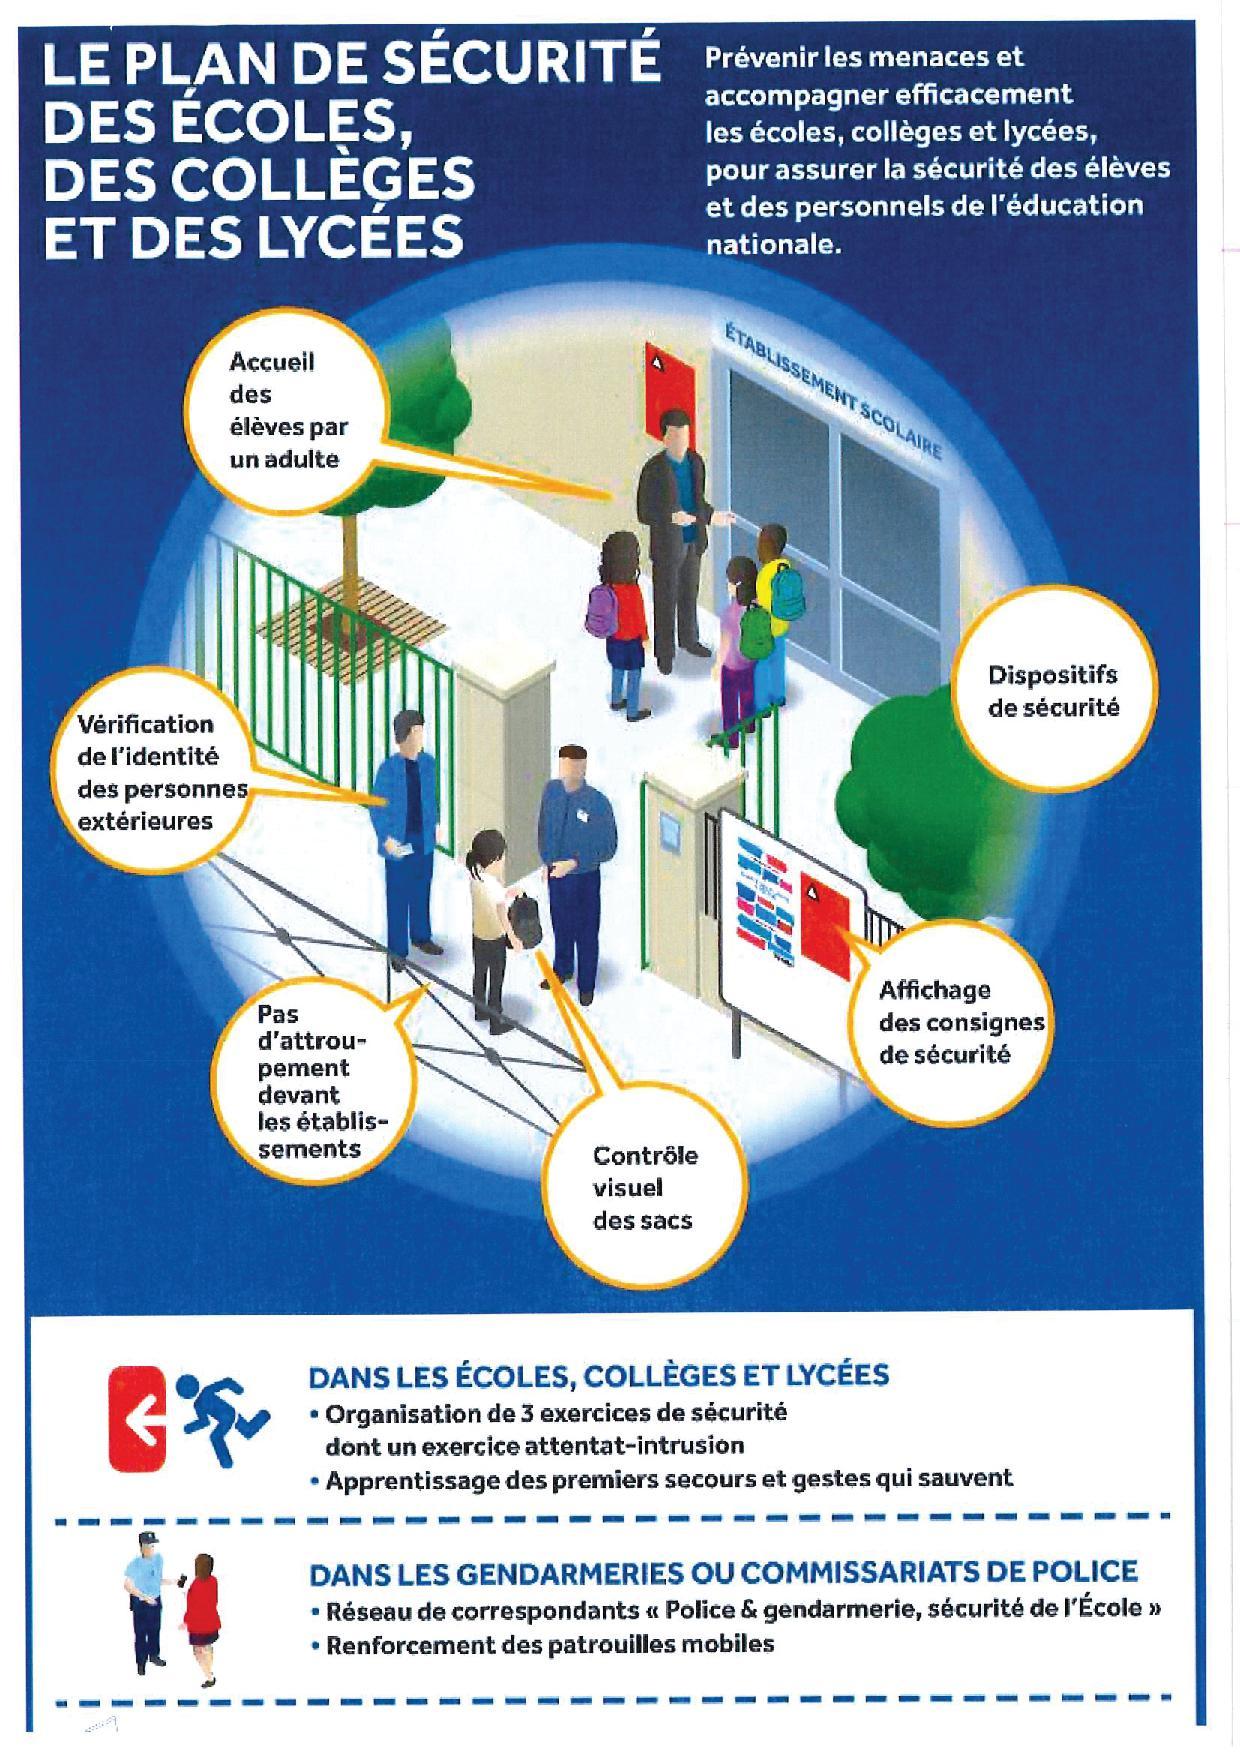 Ecole : Rappel : Plan vigipirate renforcé